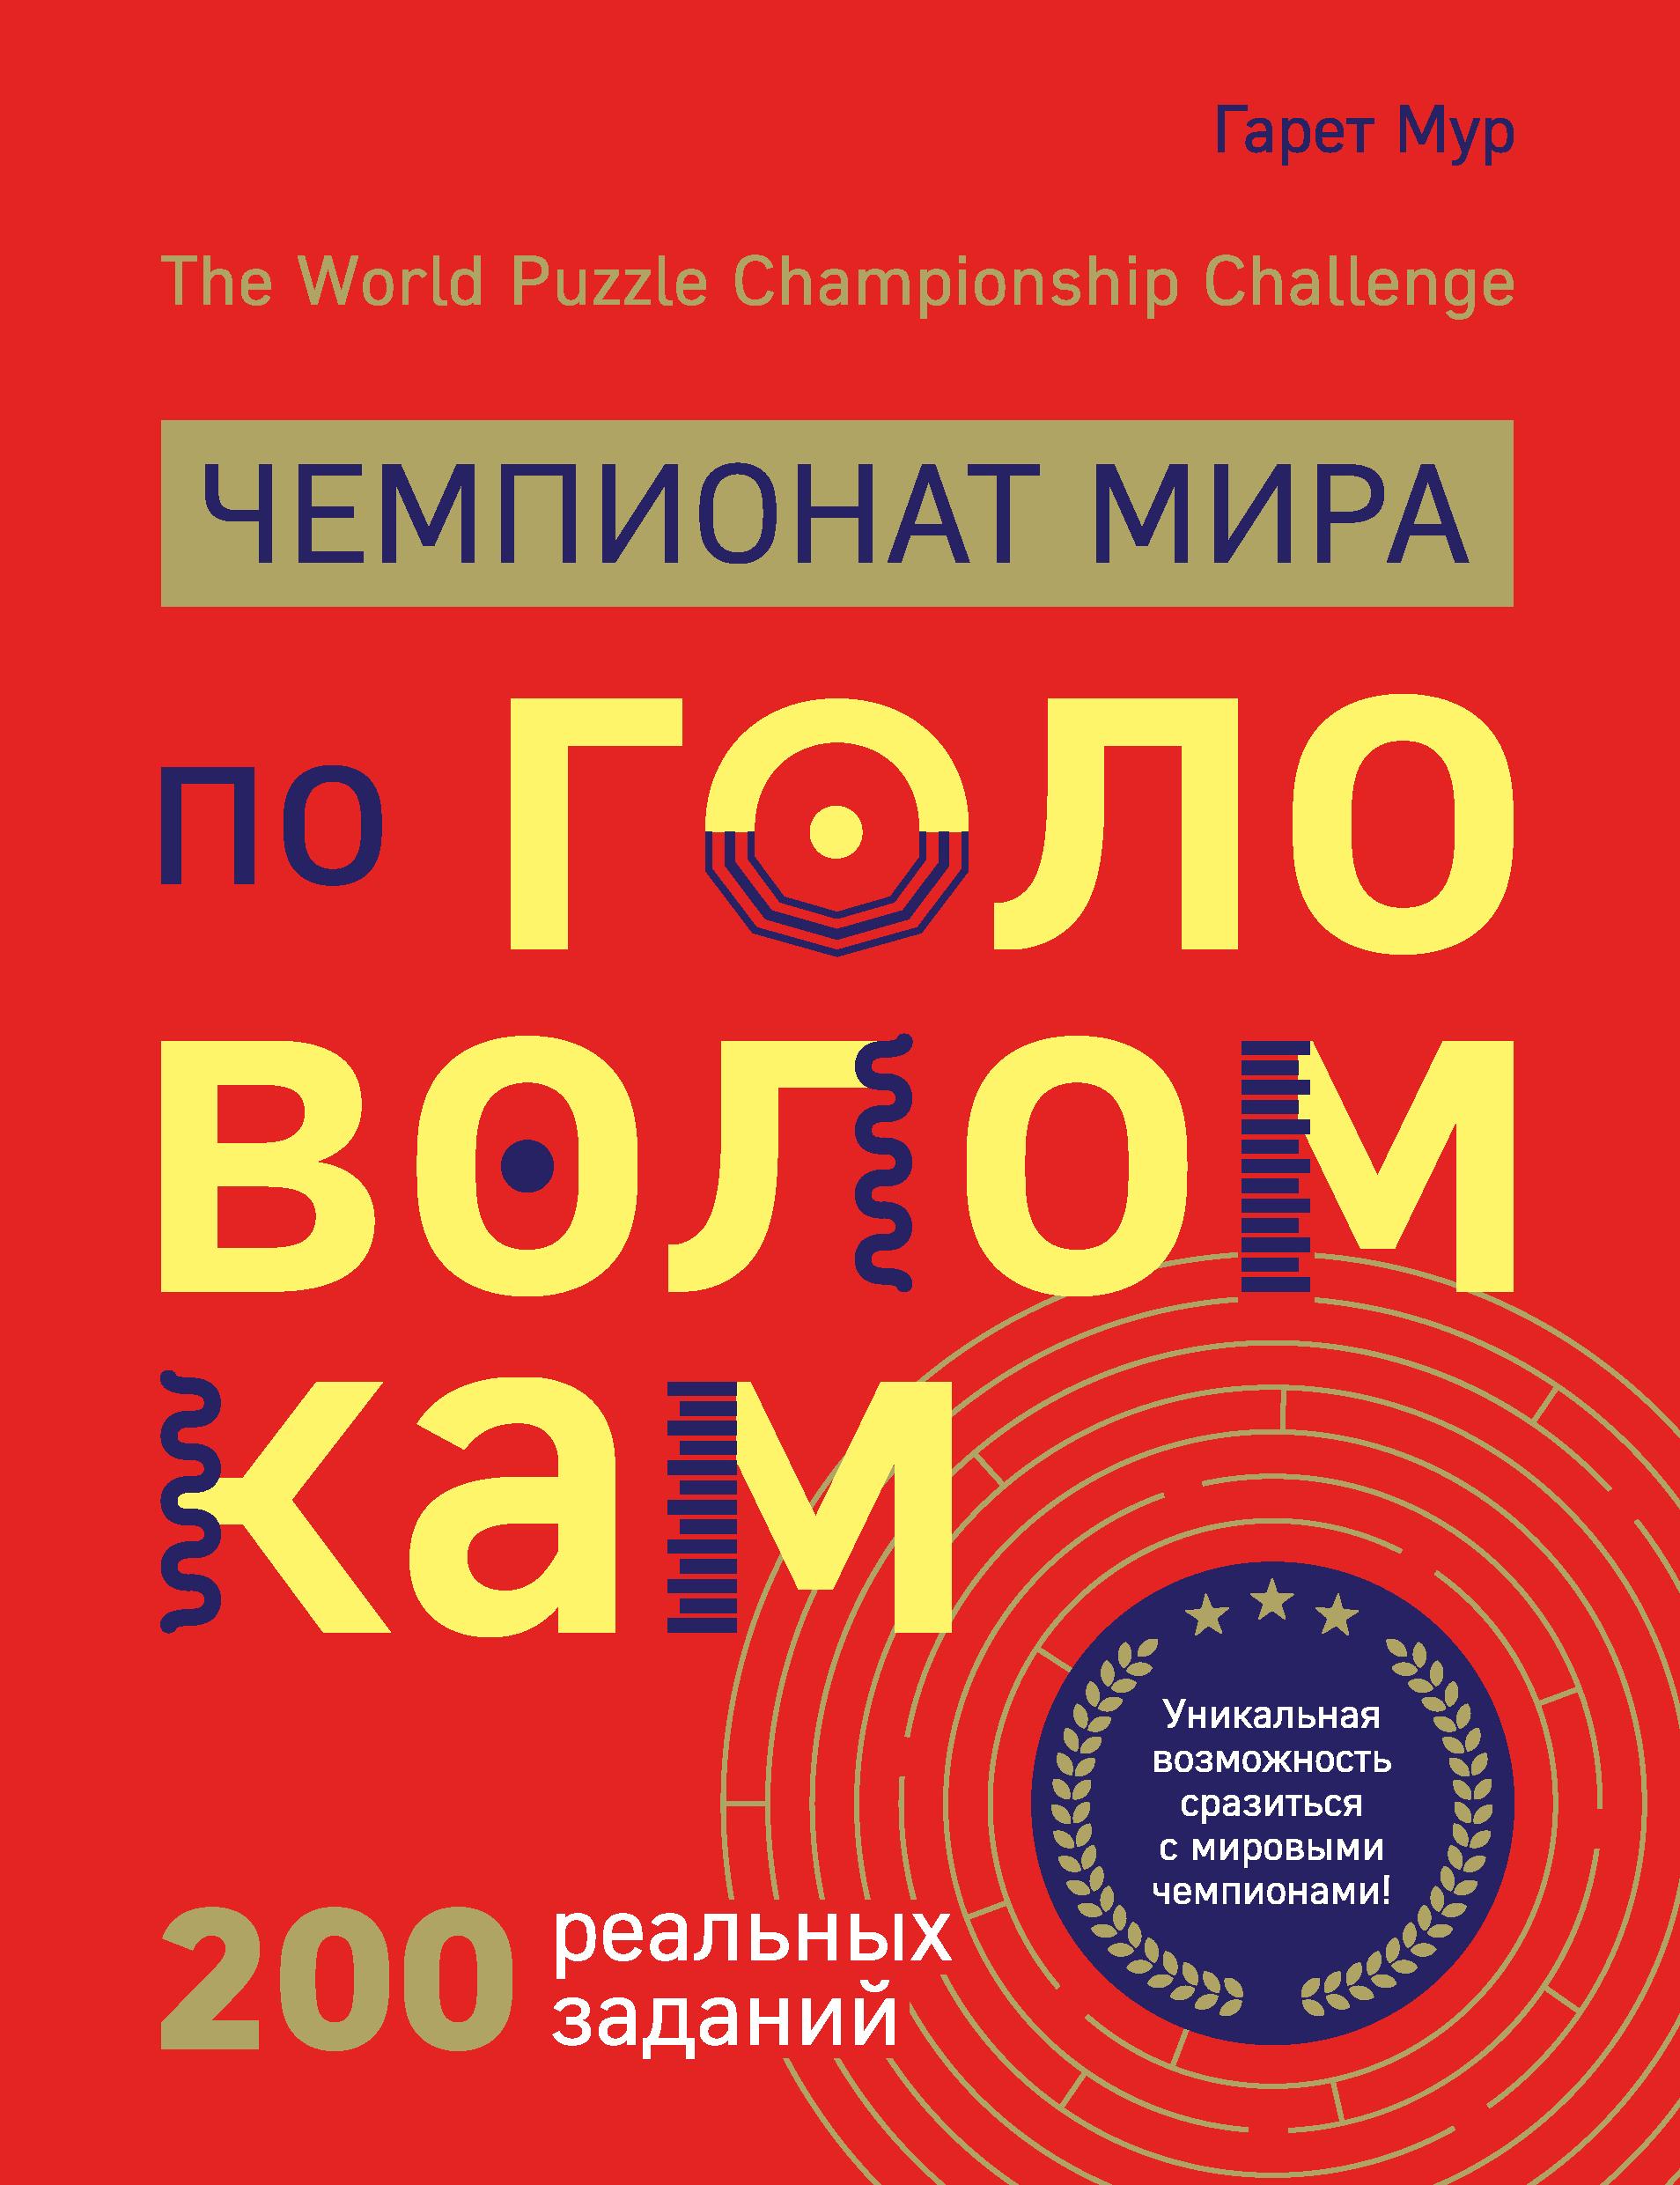 Купить книгу Чемпионат мира по головоломкам. The World Puzzle Championship Challenge. 200 реальных заданий, автора Гарет Мур